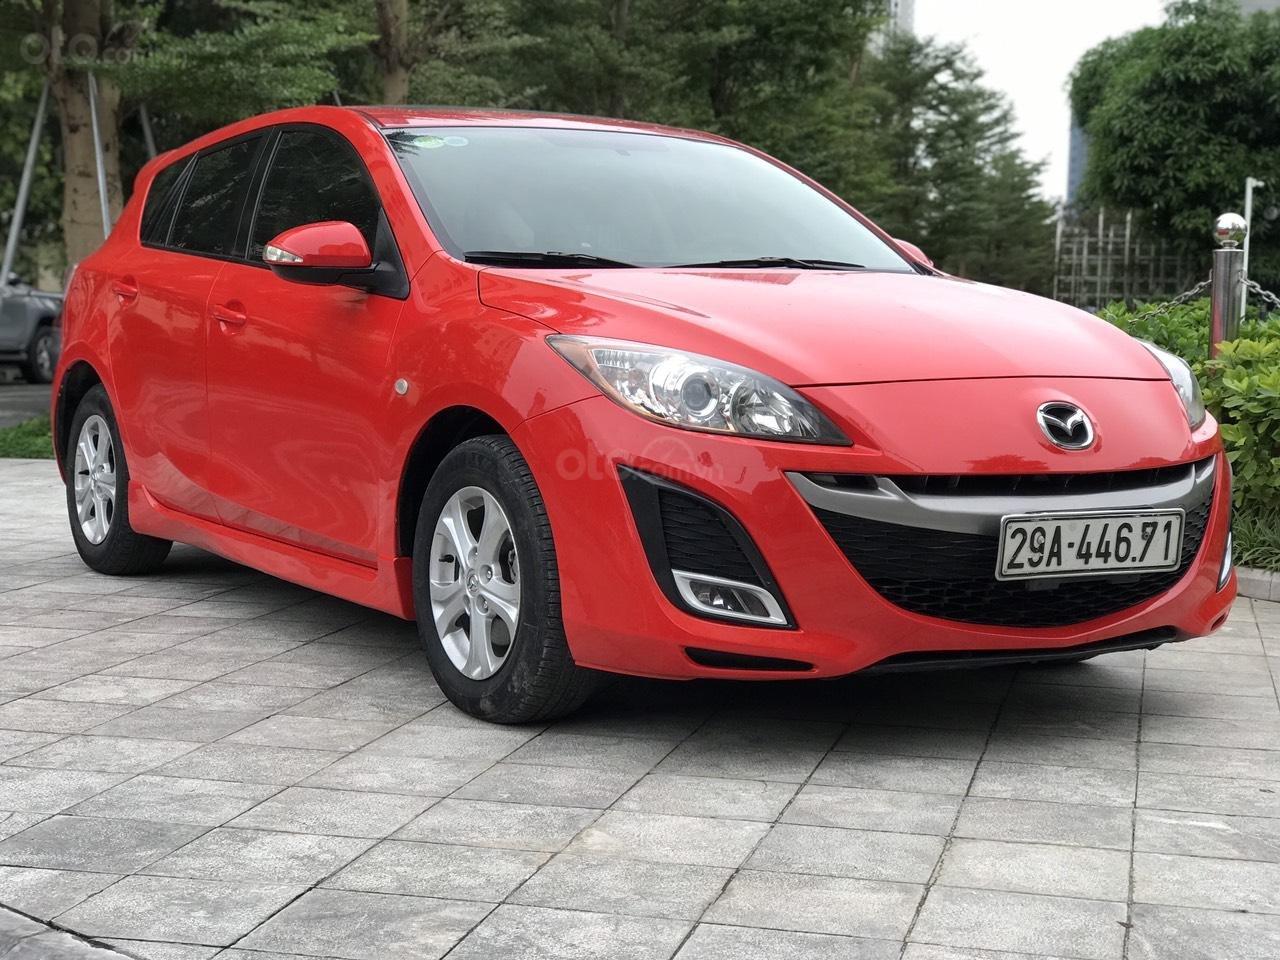 Bán Mazda 3 Hatchback sx 2010, màu đỏ, nhập khẩu (3)